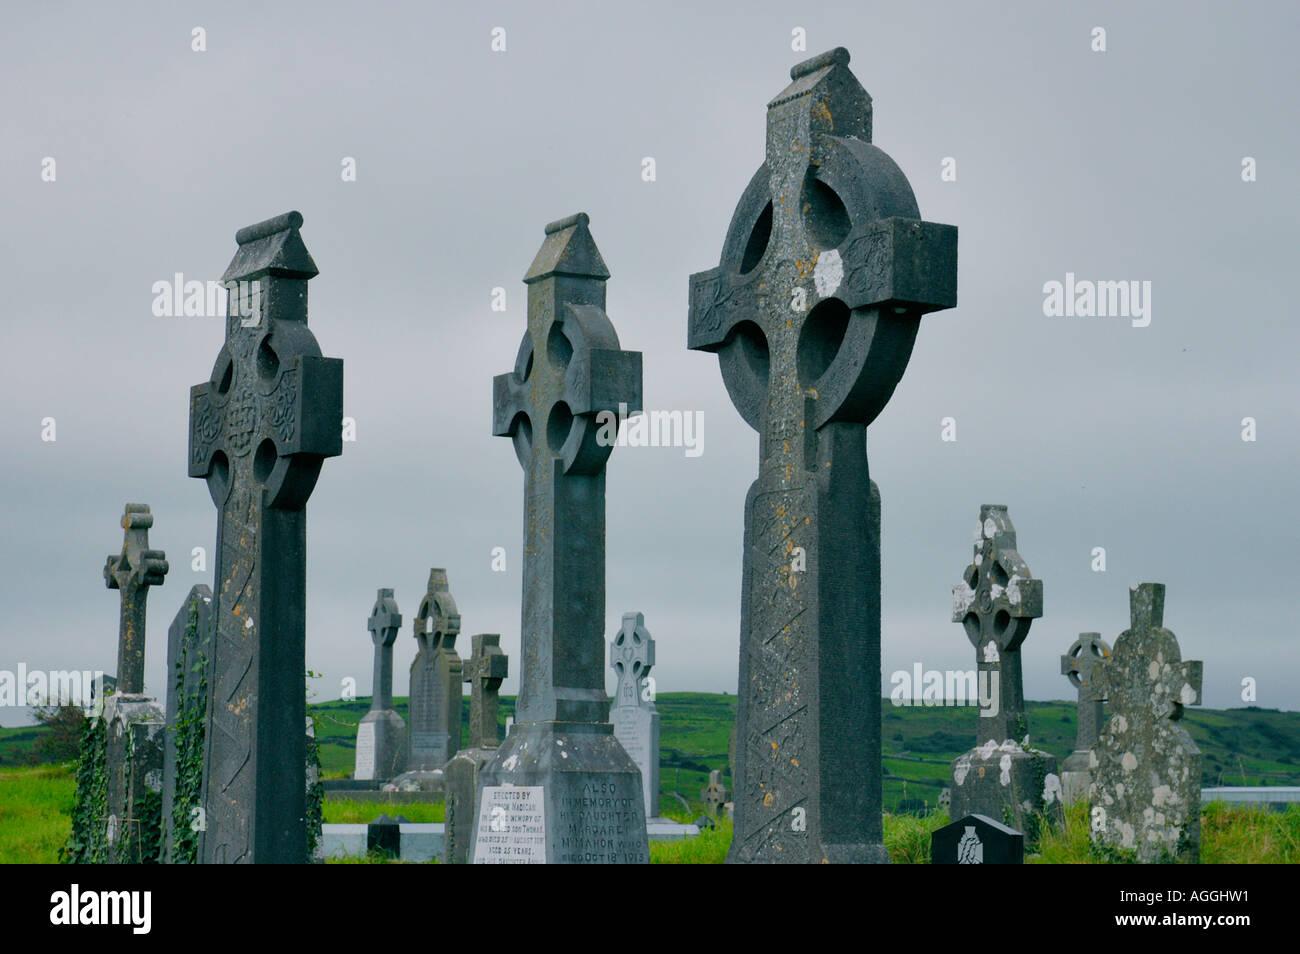 celtic crosses, cemetery, Ireland - Stock Image